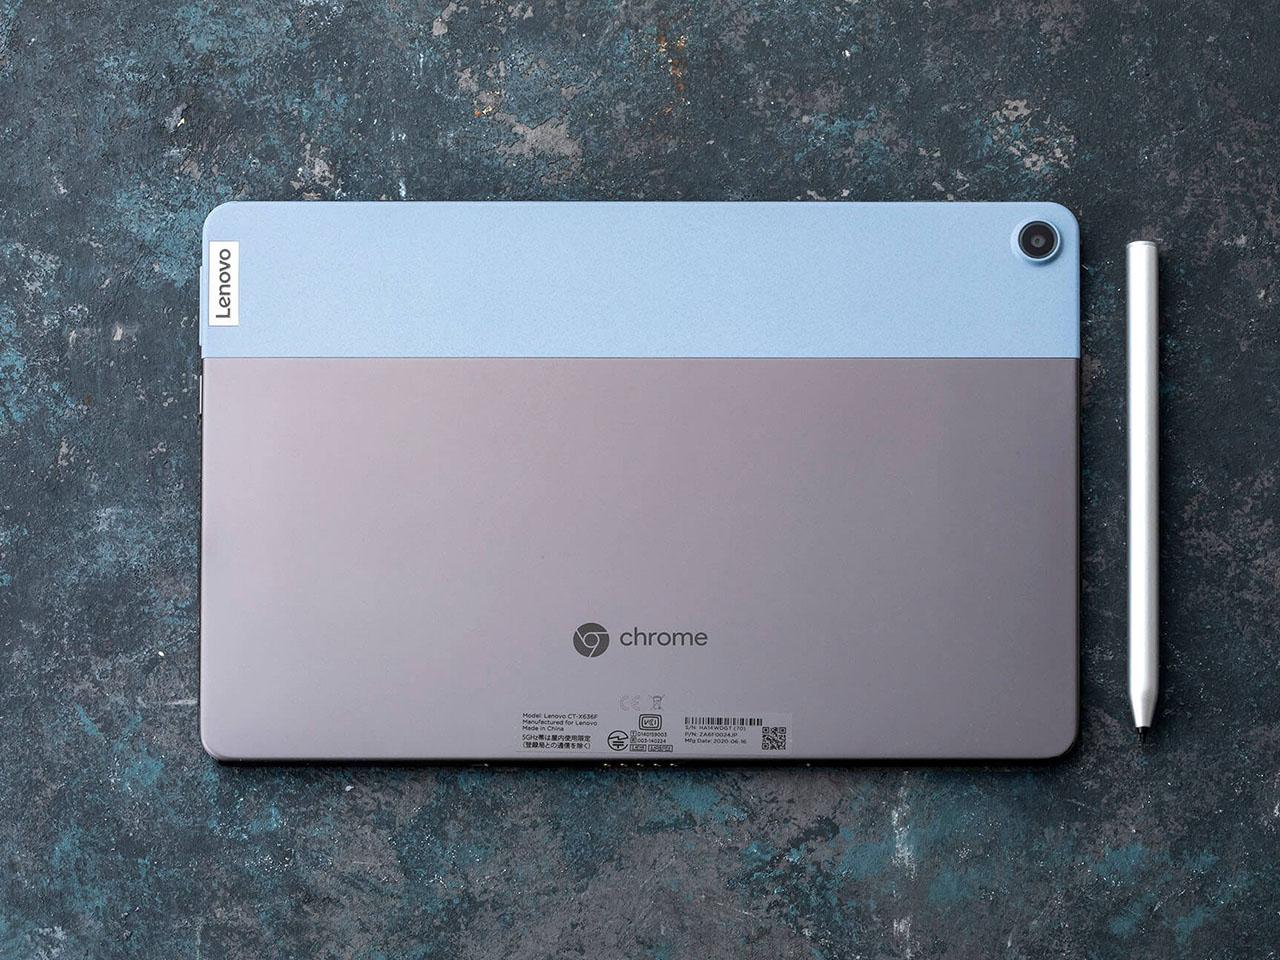 『本体 背面 参考』 IdeaPad Duet Chromebook ZA6F0038JP の製品画像